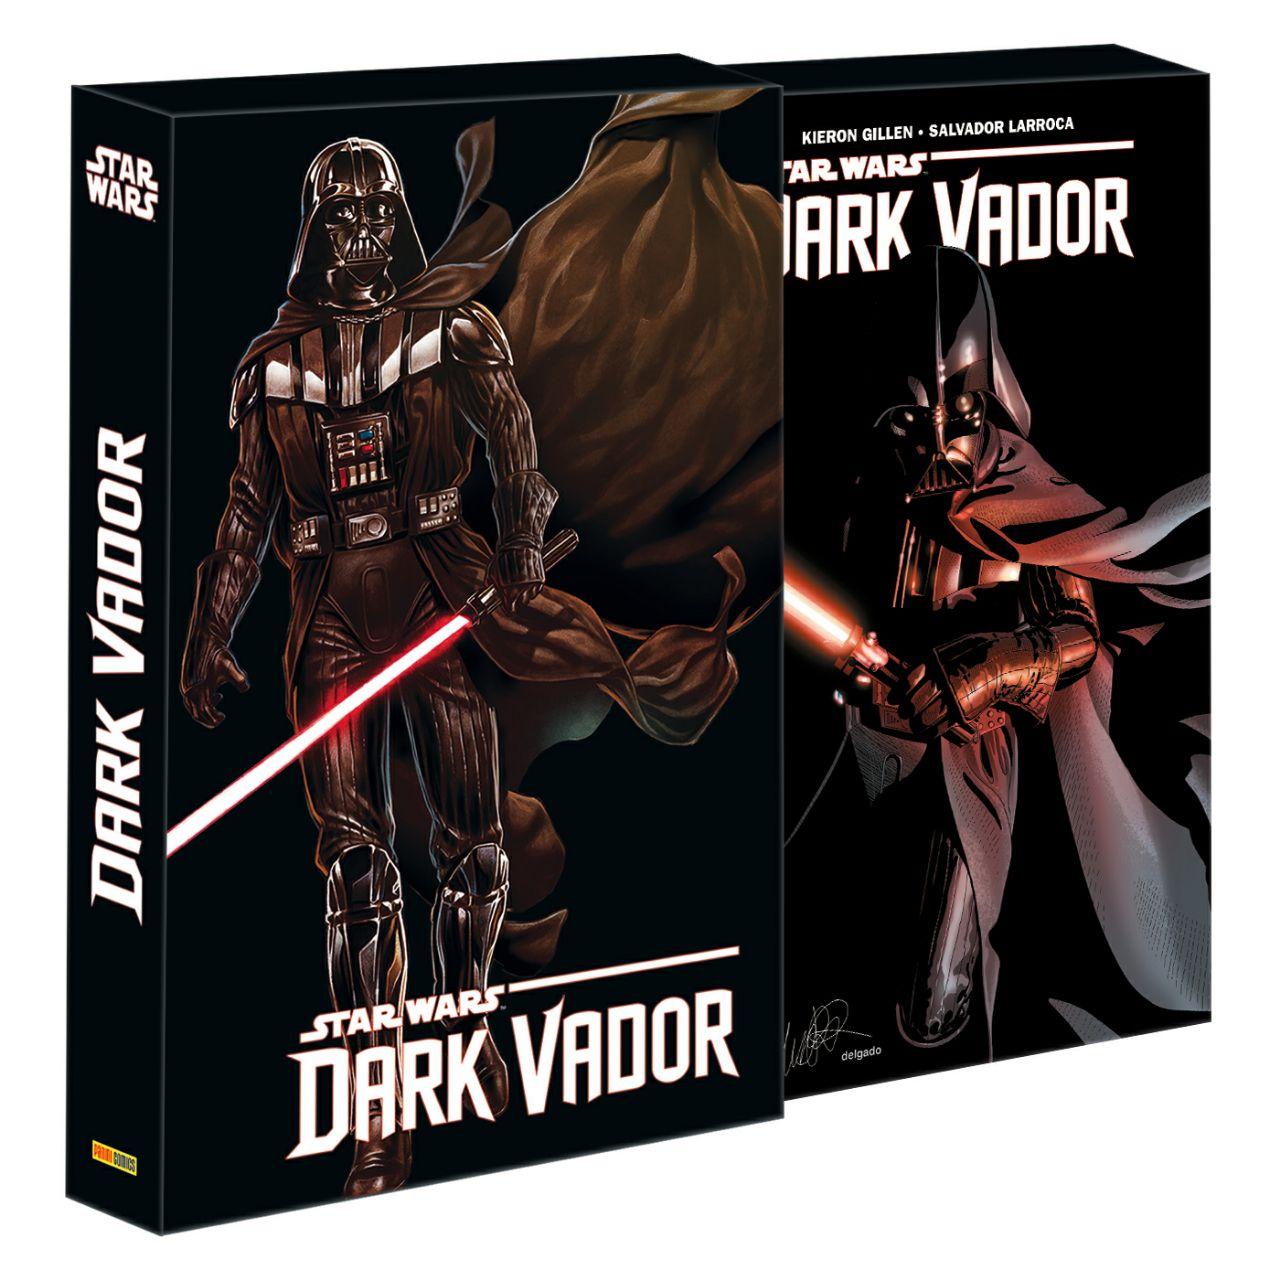 Star Wars Dark Vador Intégrale